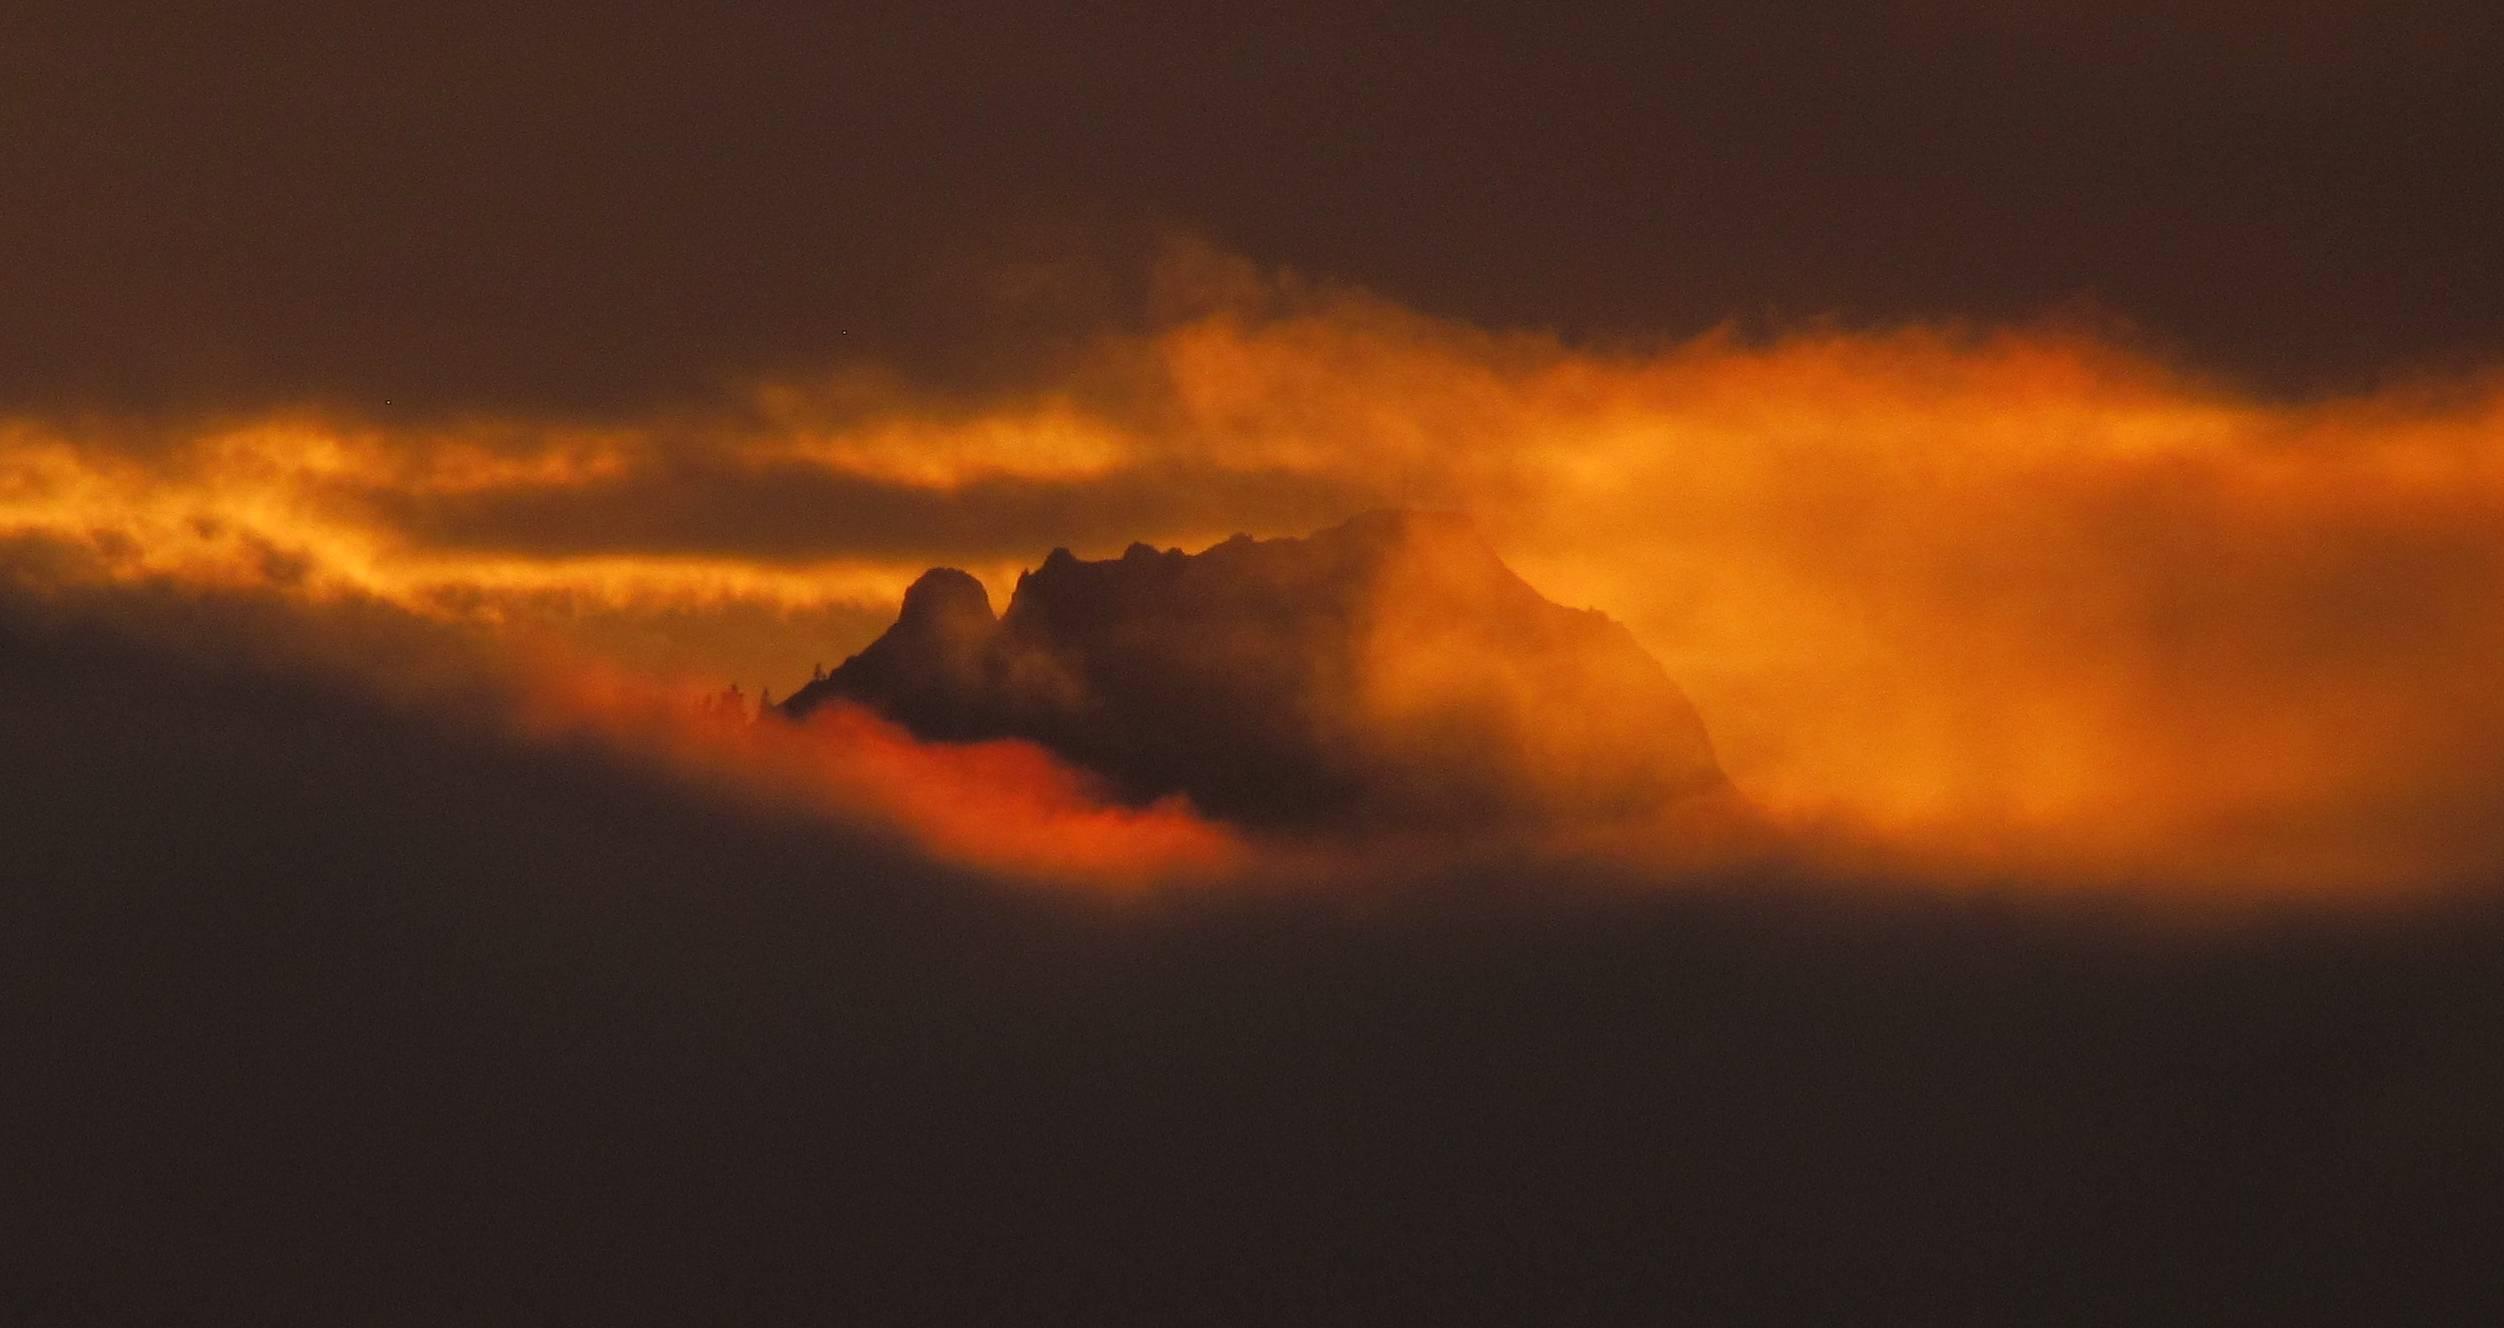 sonnenuntergang mit nebel und - photo #15